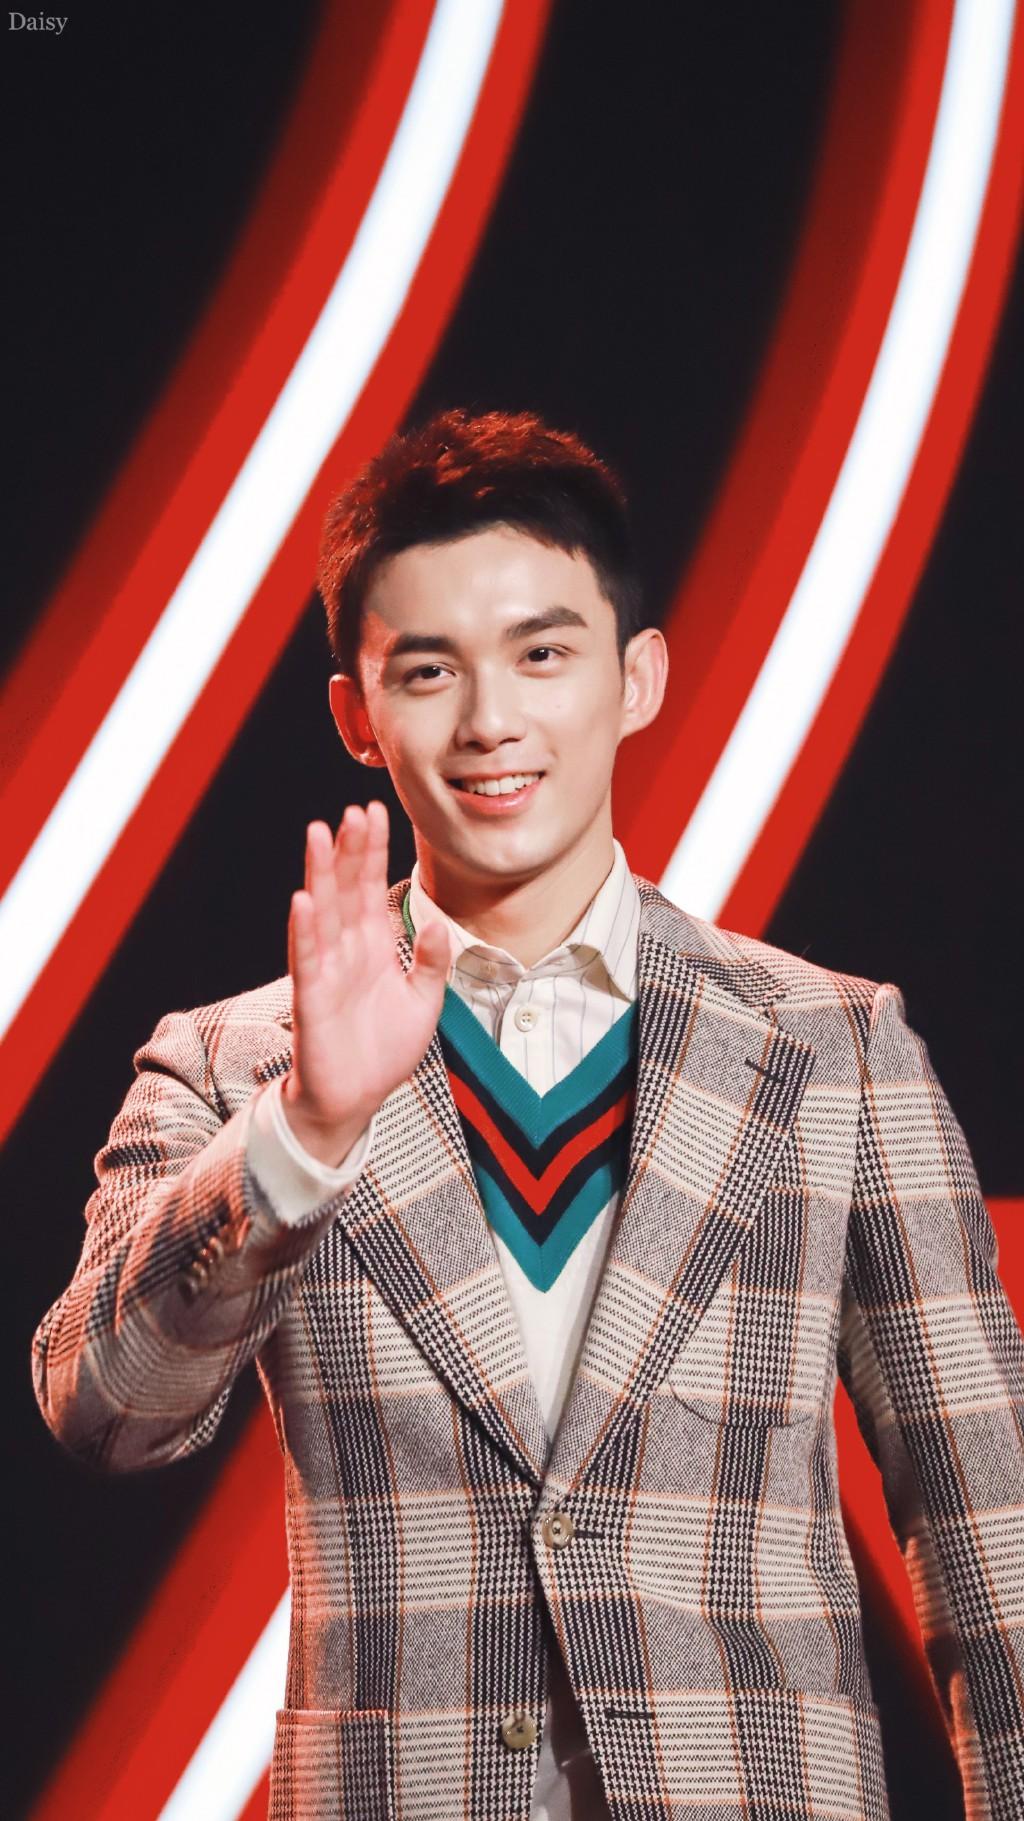 Góc trai đẹp bổ mắt: Luhan gây bão vì soái ca U30 hack tuổi, cạnh tranh sắc vóc với đàn em Ngô Lôi kém 9 tuổi - Ảnh 7.